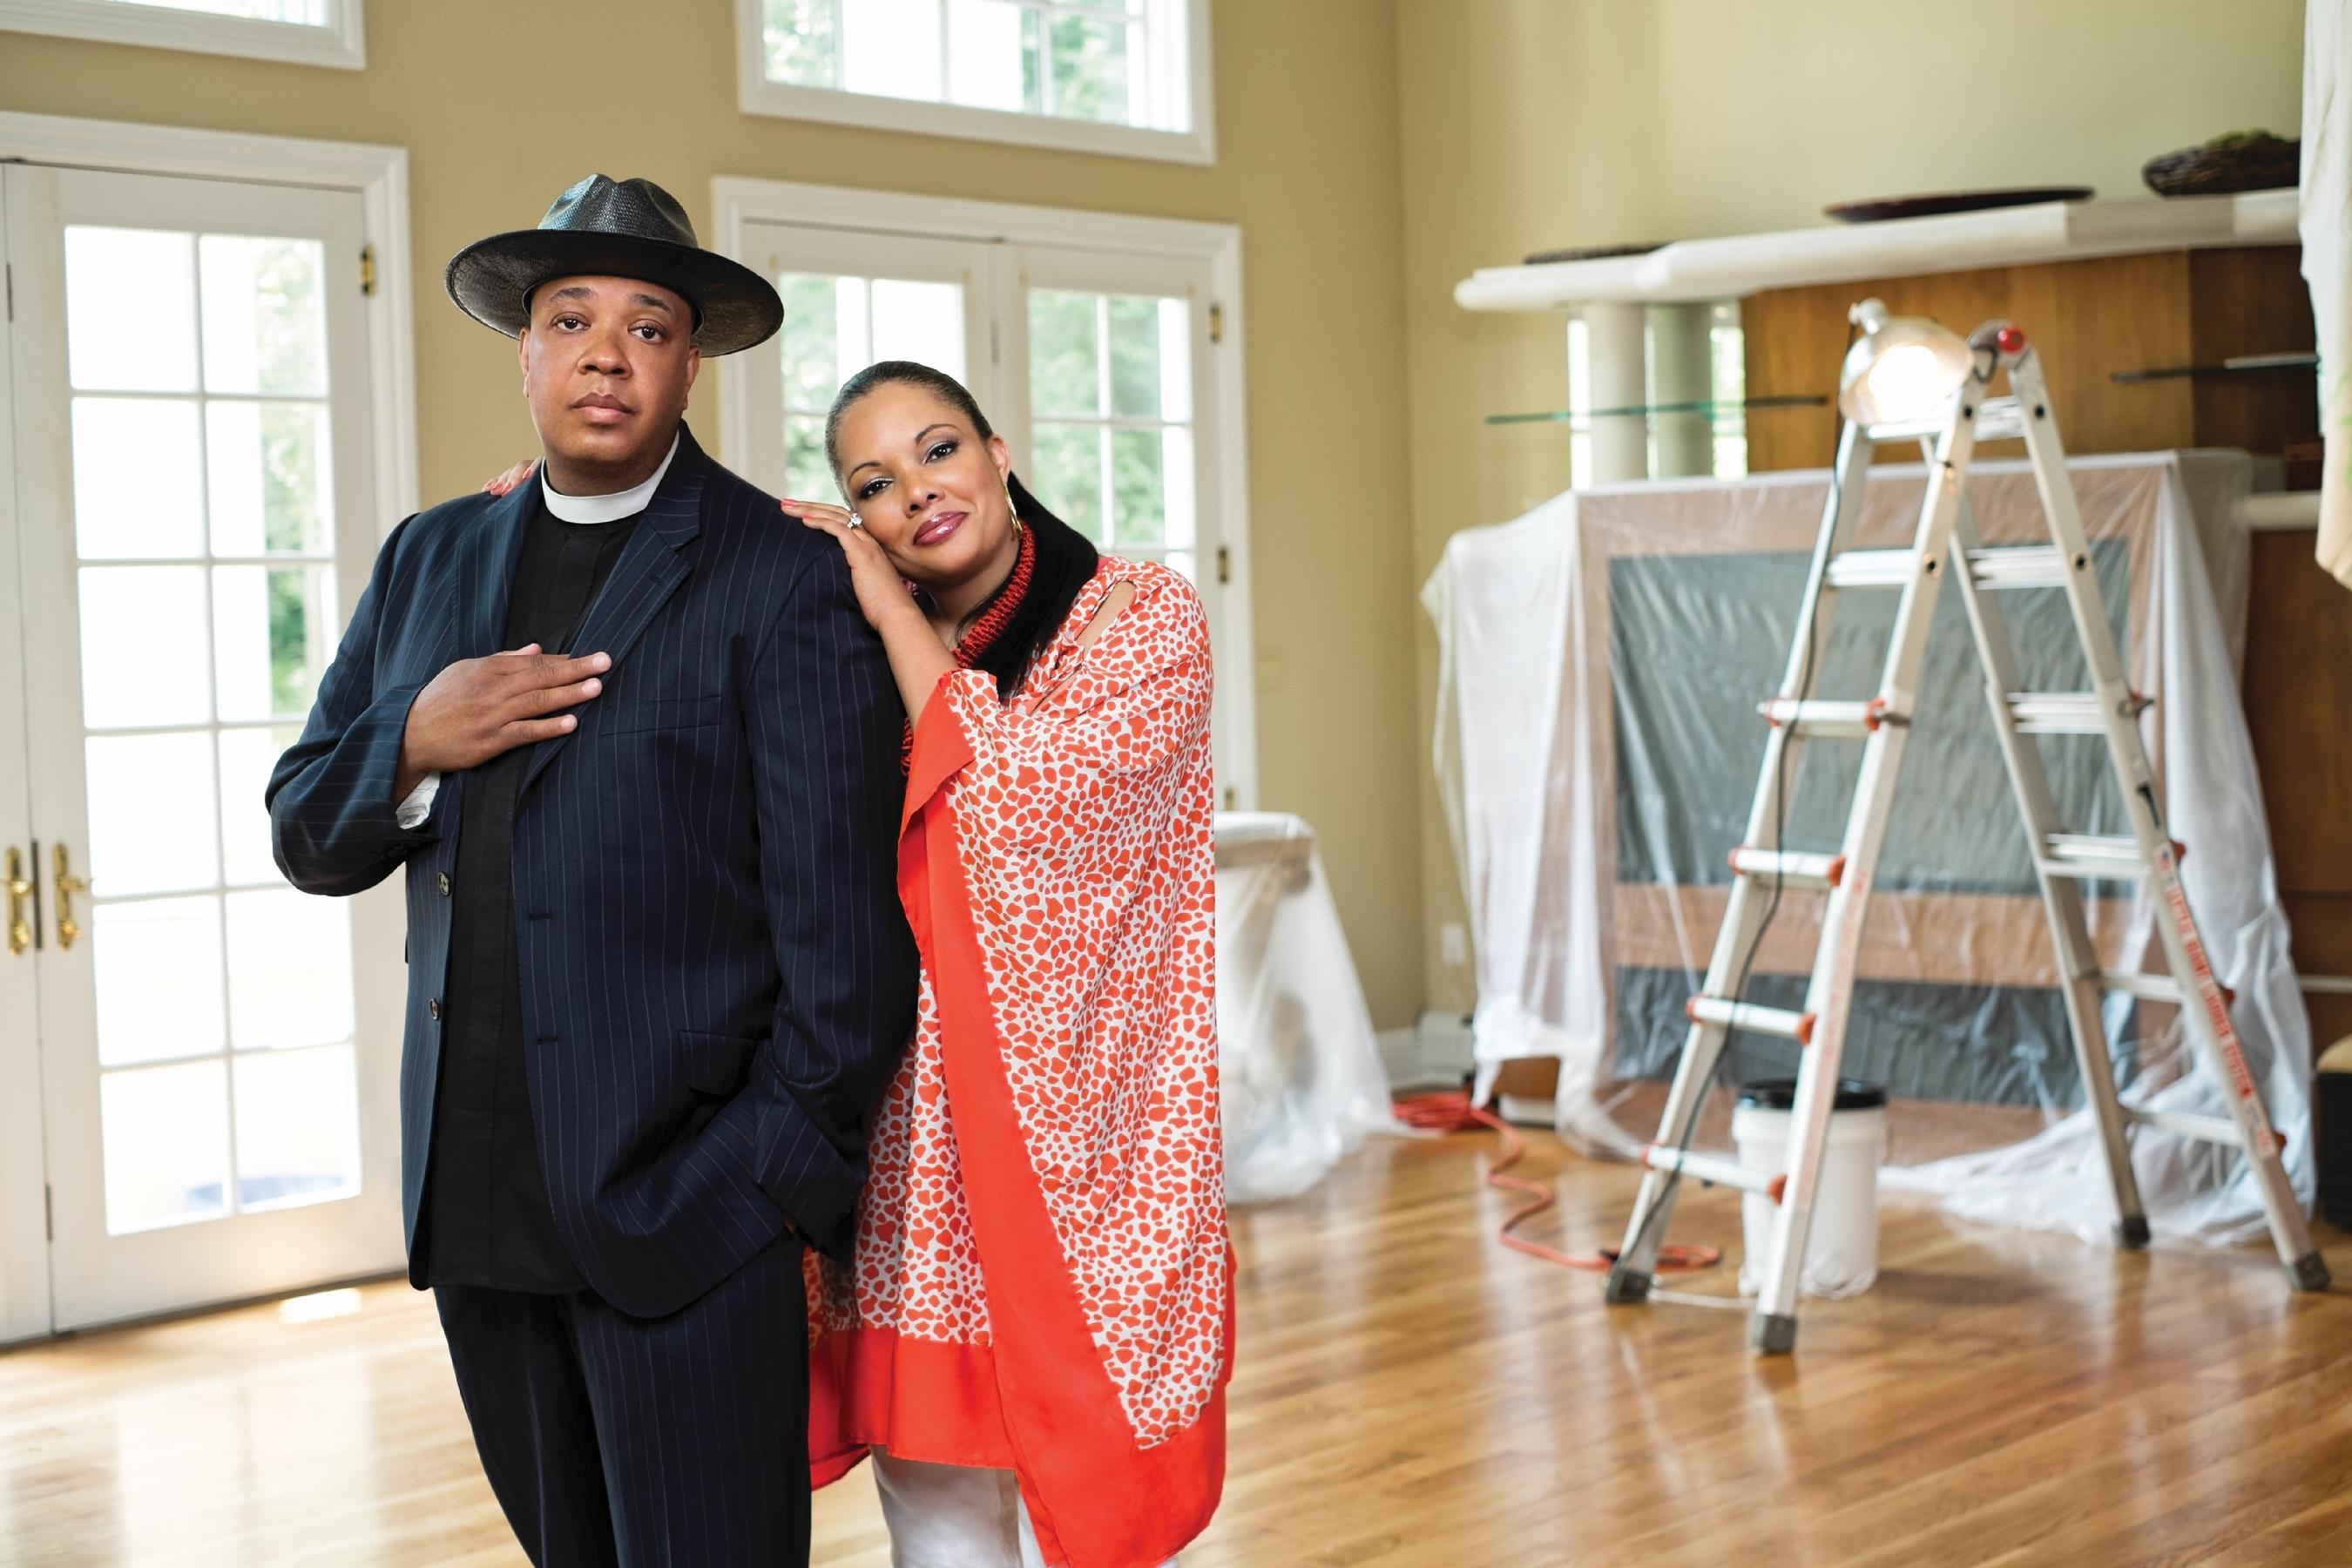 home of hip hop legend gets major transformation in new. Black Bedroom Furniture Sets. Home Design Ideas